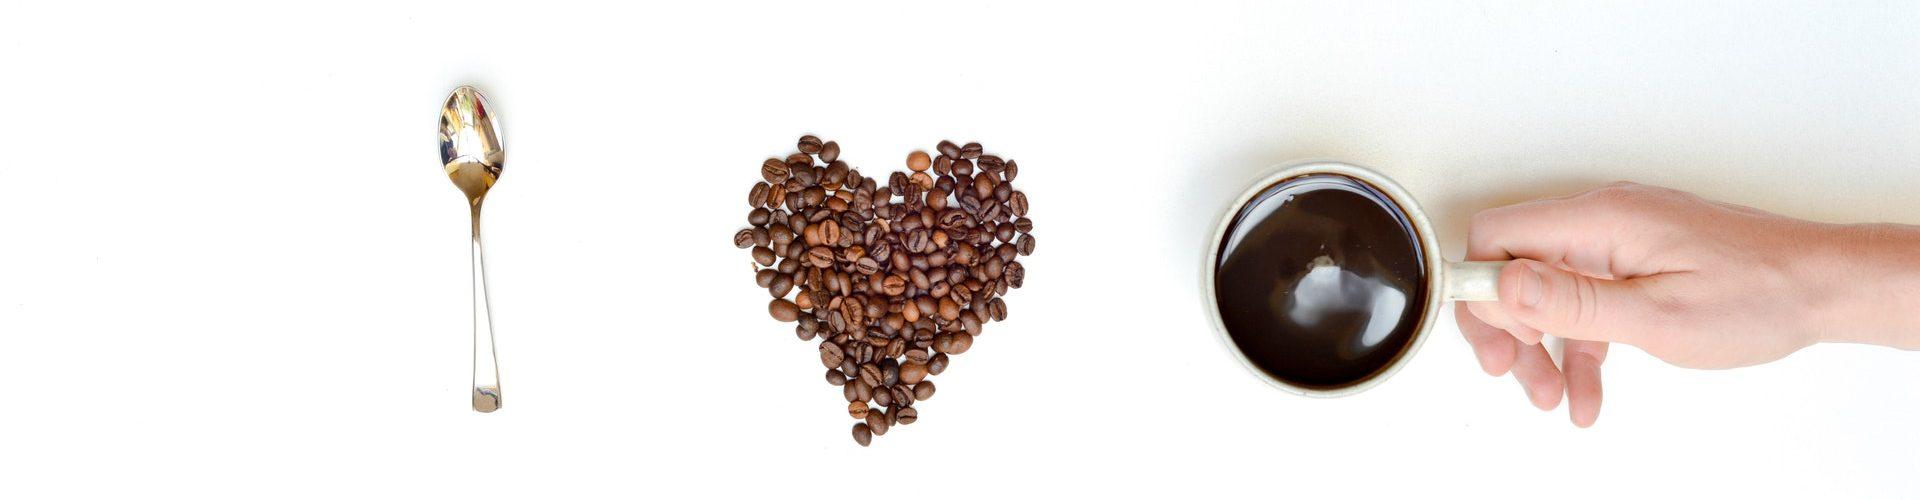 Ваш Любимый Кофе в чем польза или вред для организма